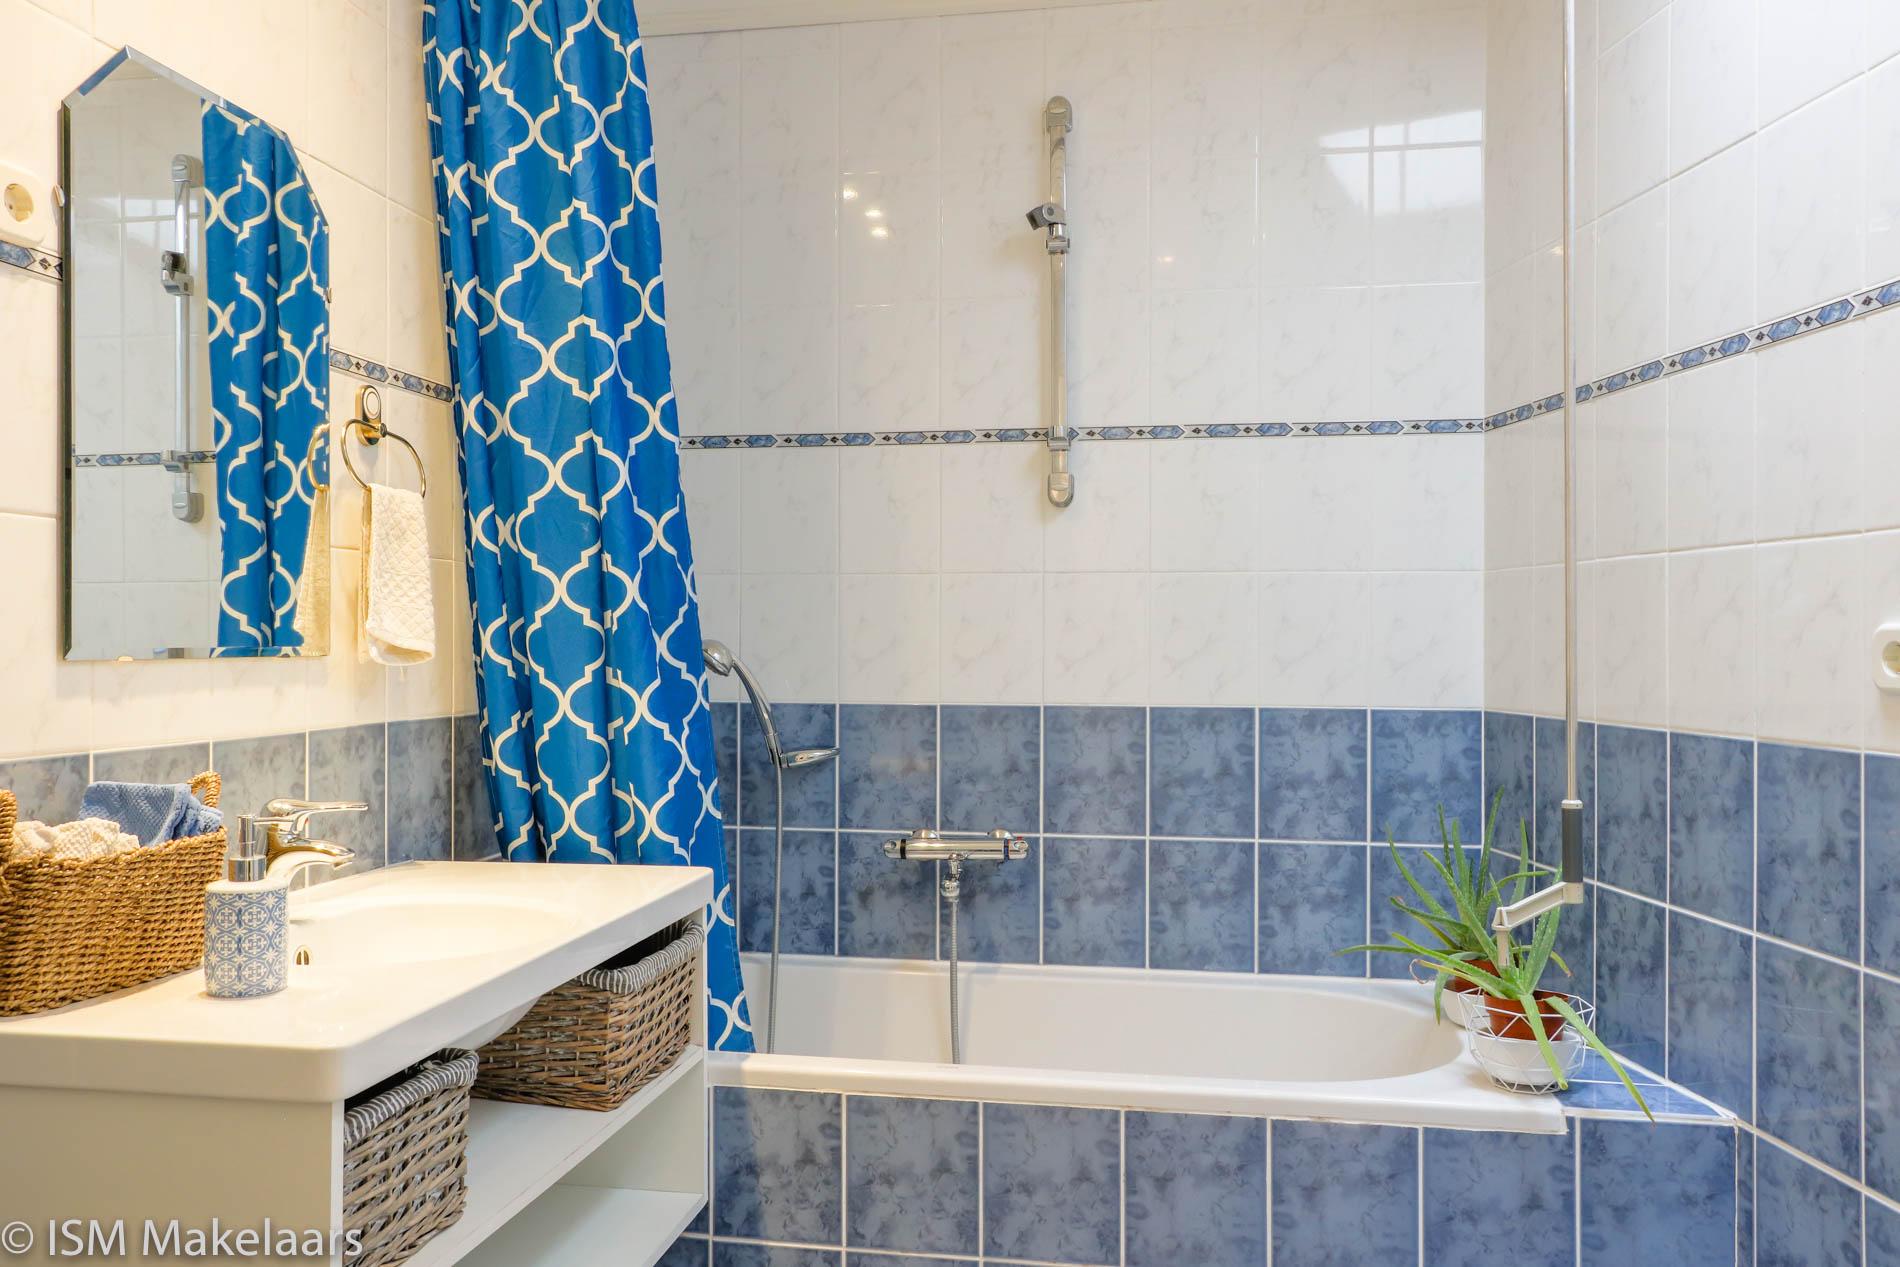 badkamer nazareth 55 wolphaartsdijk ism makelaars